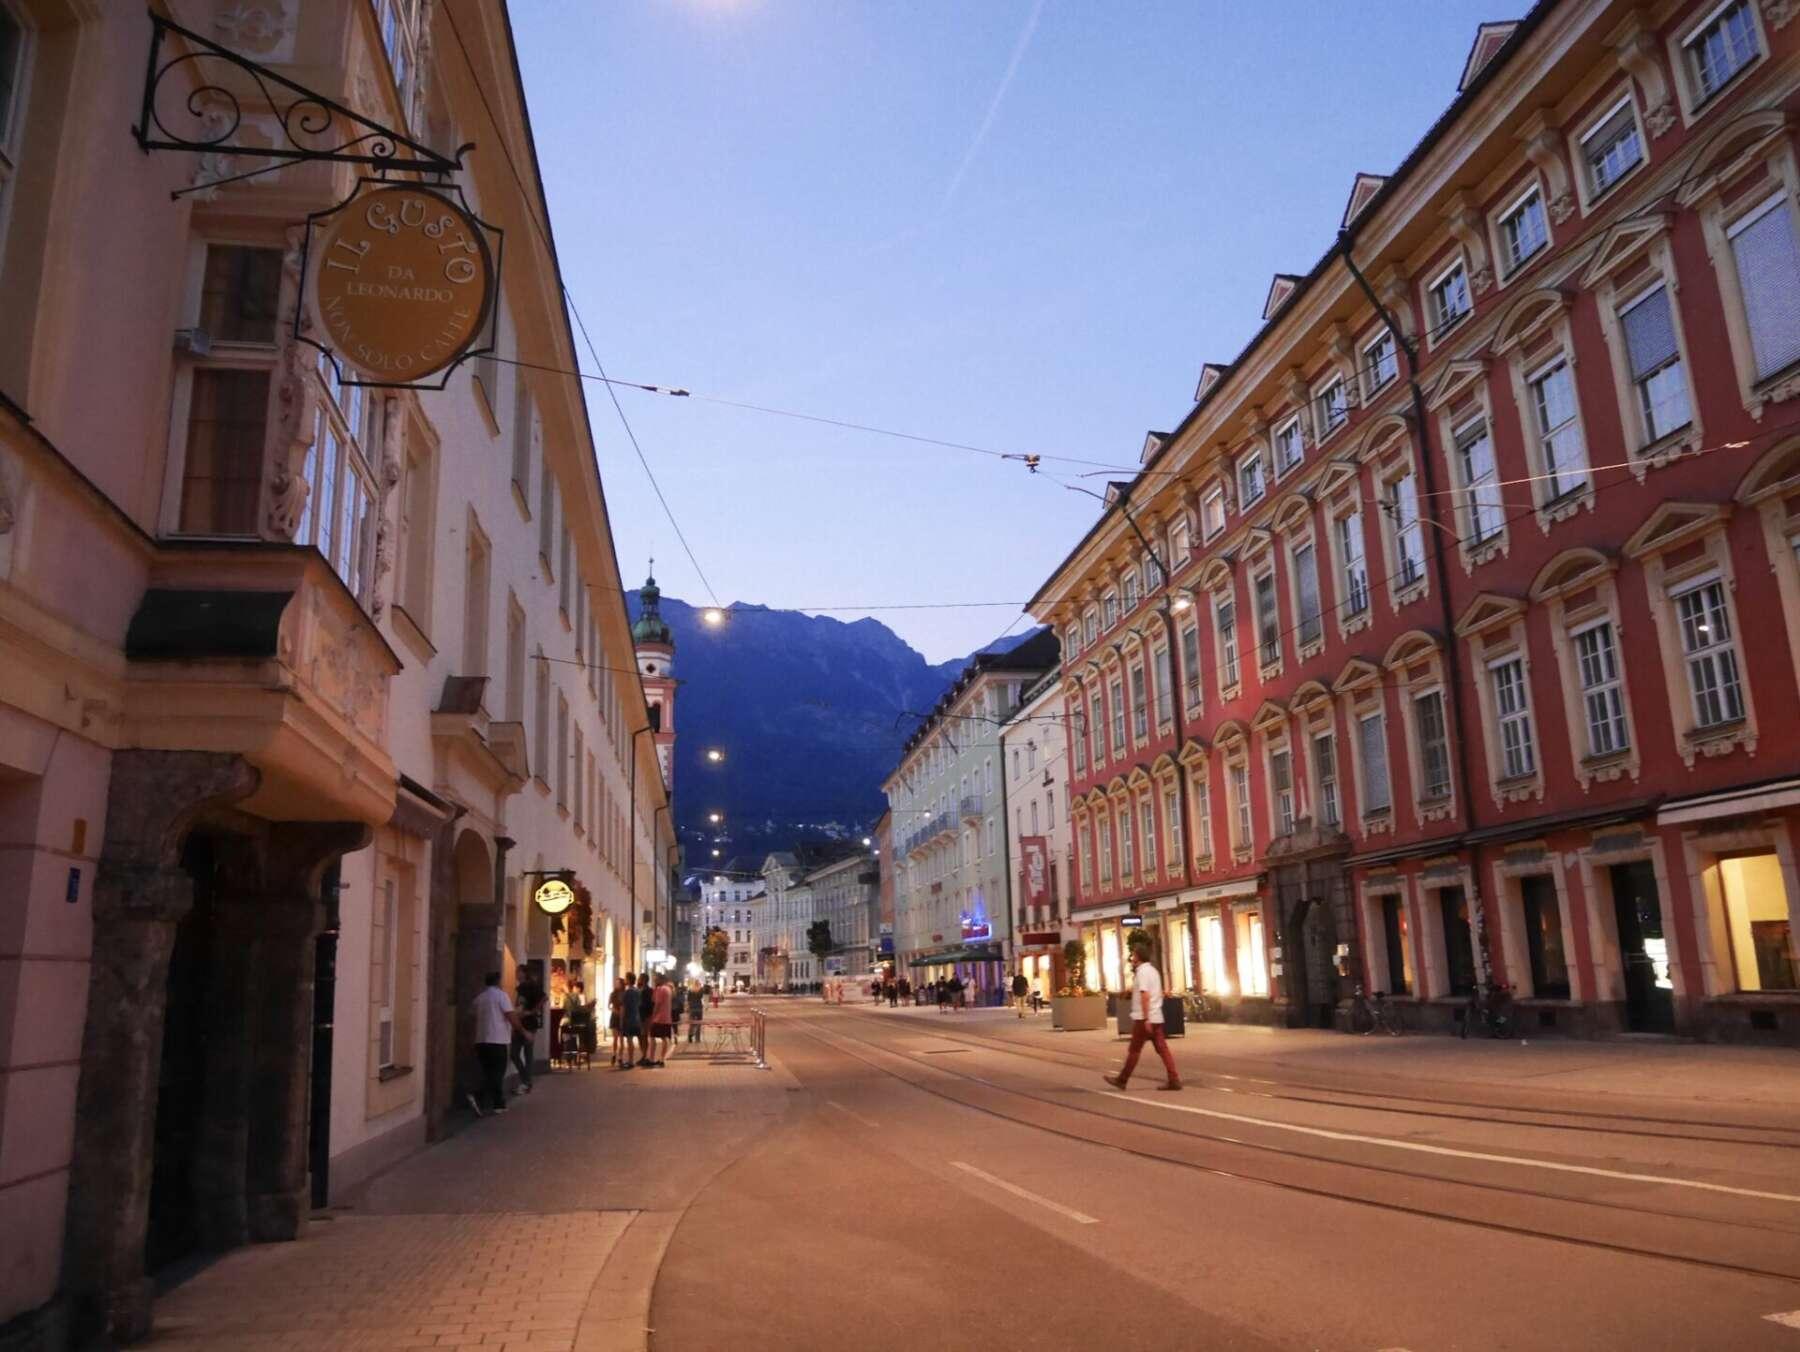 เที่ยวอินส์บรุค (Innsbruck) ออสเตรีย